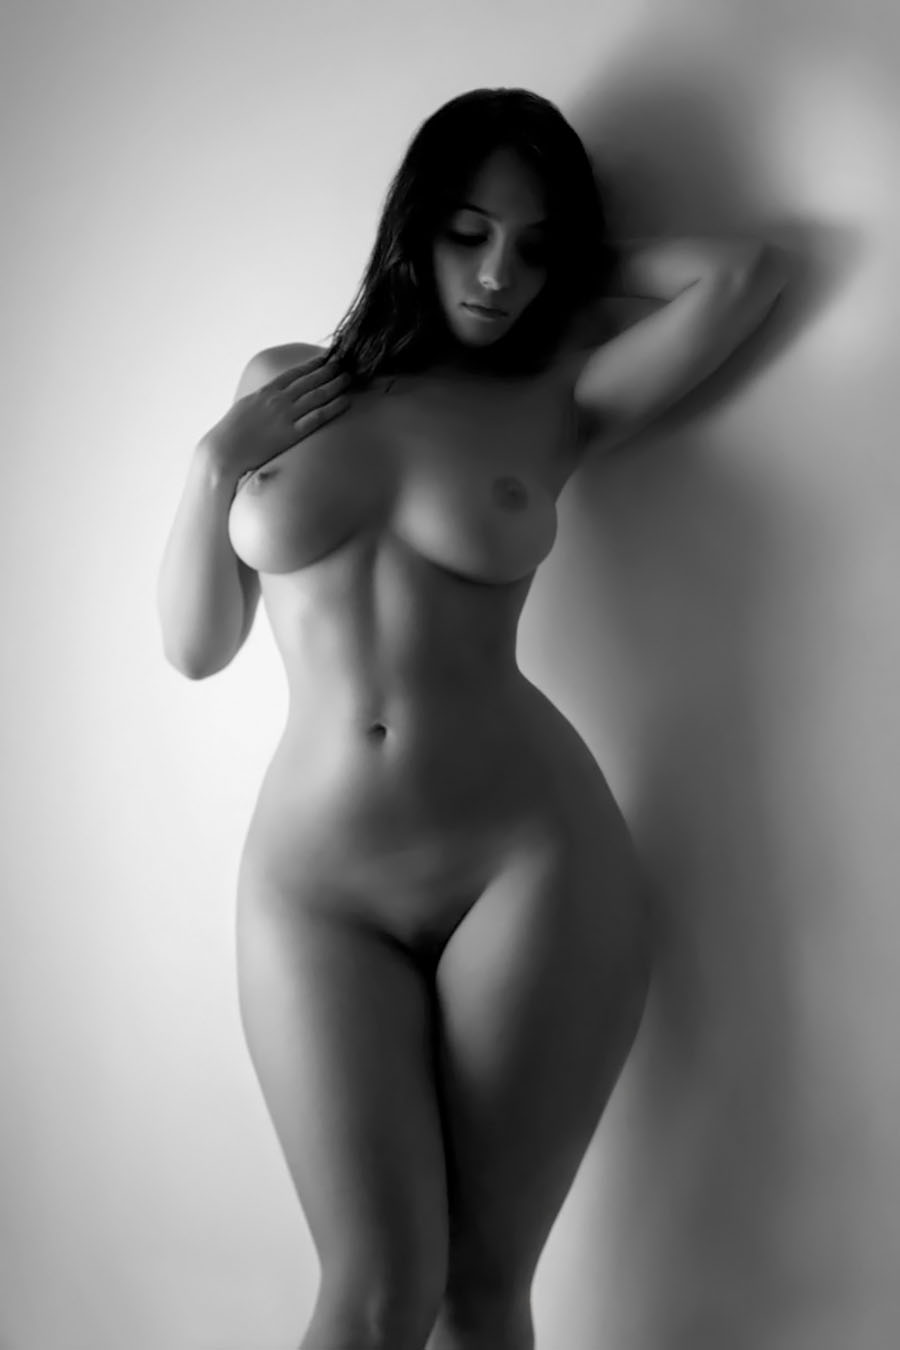 Фото женских фигур порно 6 фотография